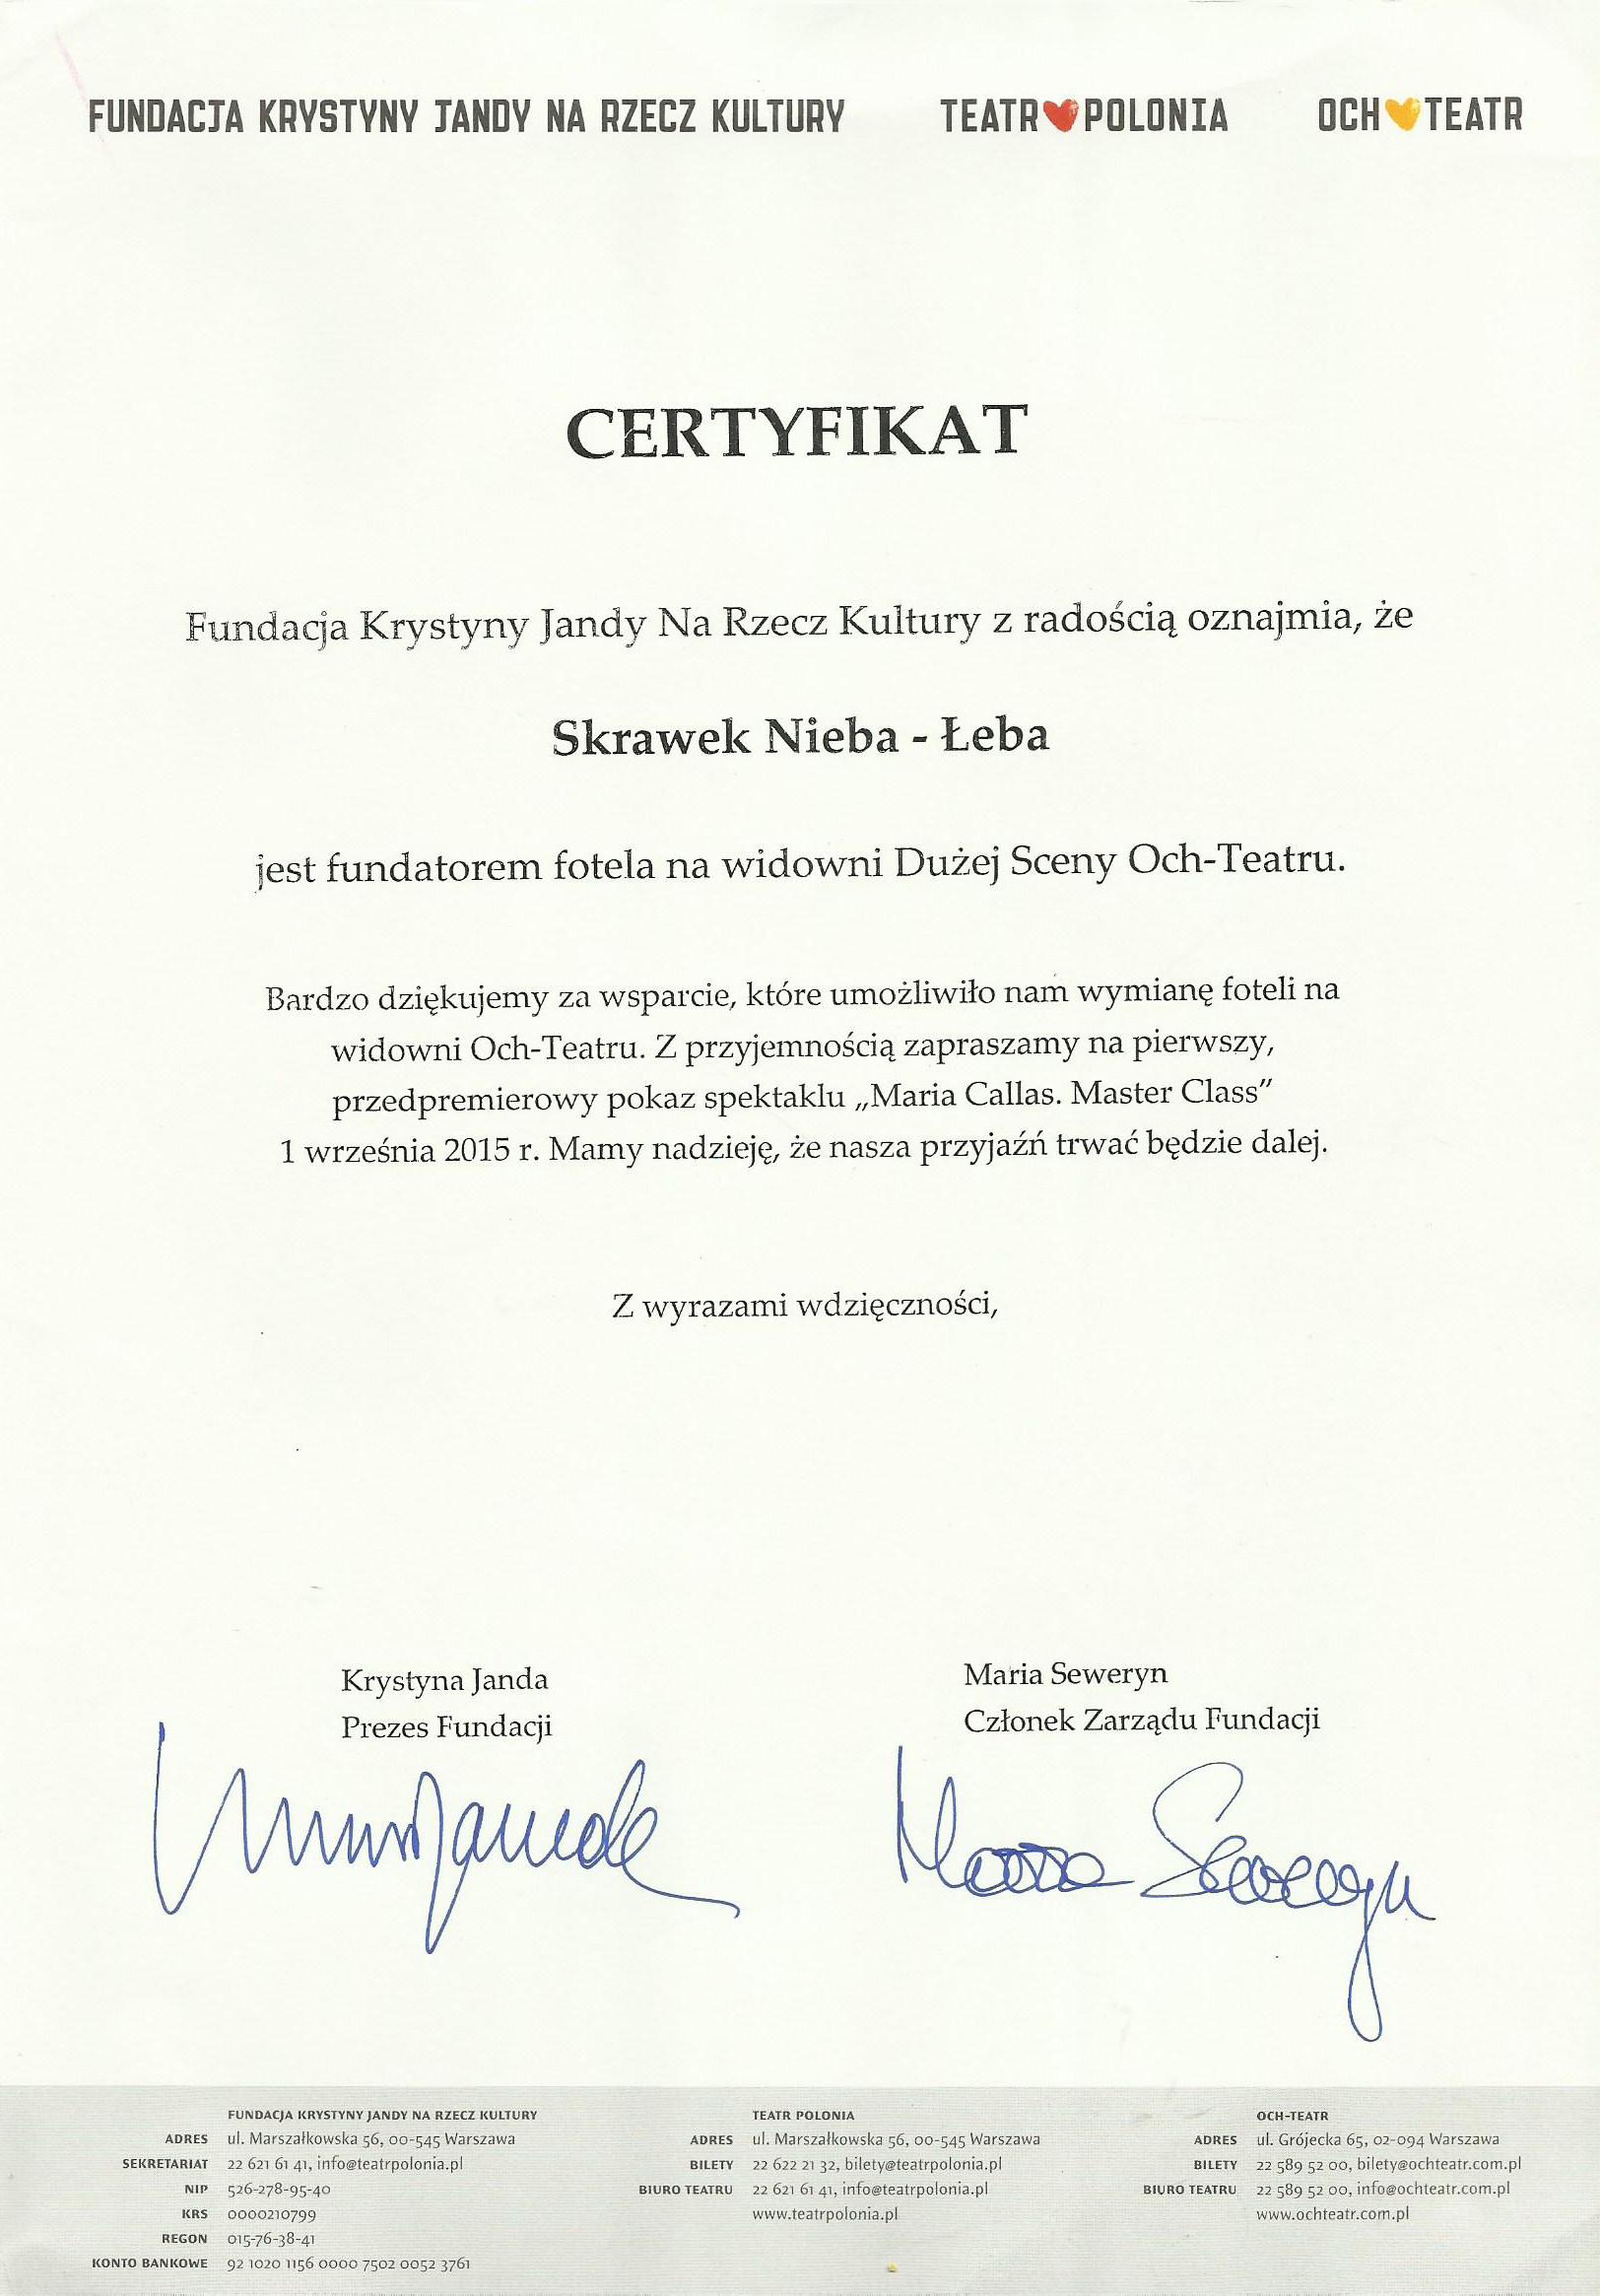 Certyfikat fotel Skrawka Nieba w teatrze Polonia